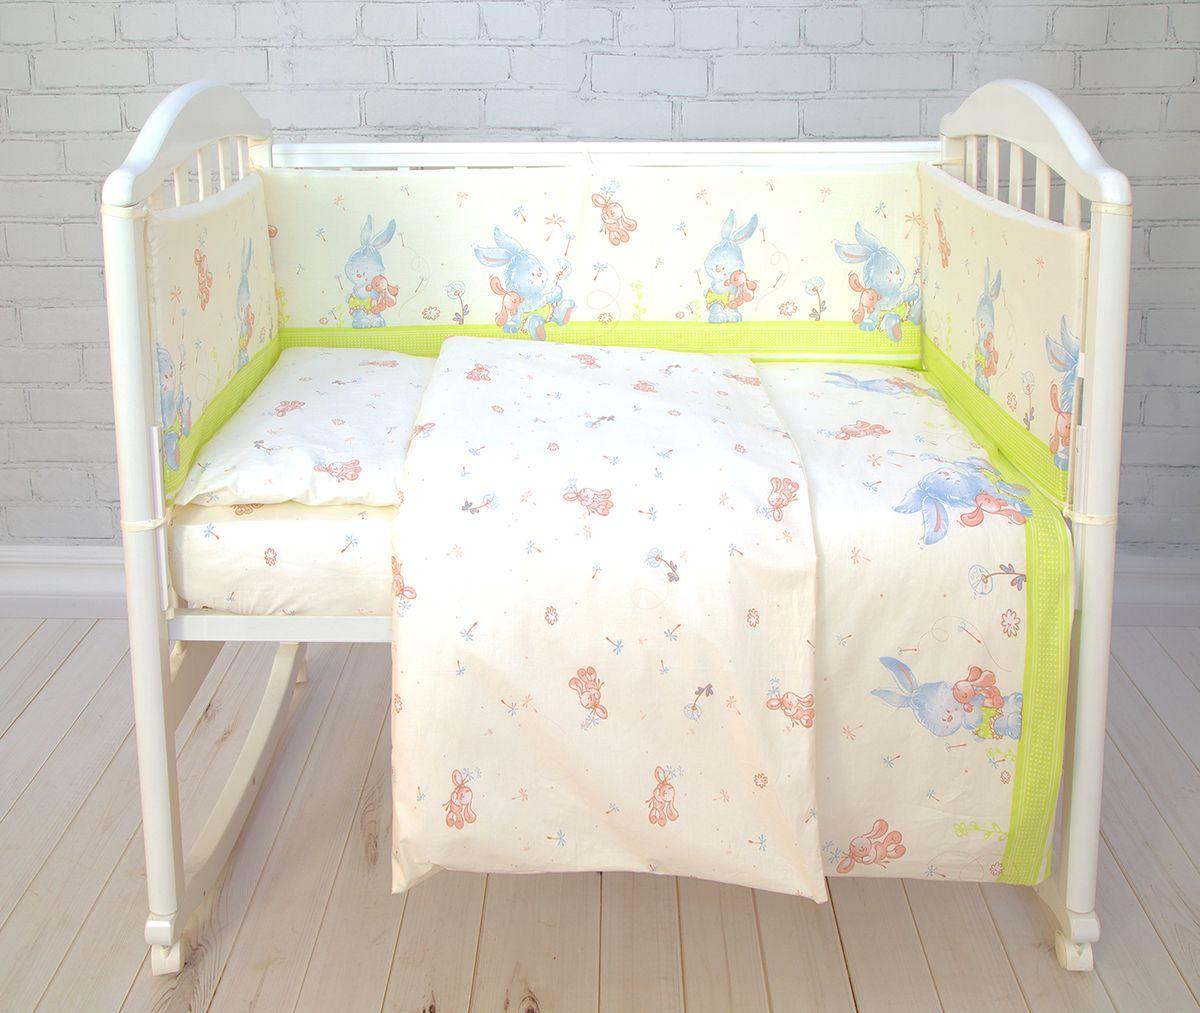 Baby Nice Комплект белья для новорожденных Зайка цвет салатовыйS6152602_салатовый/ЗайкаБорт в кроватку Baby Nice (его ещё называют бампер) является отличной защитой малыша от сквозняков и ударов при поворотах в кроватке. Ткань верха: 100% хлопок, наполнитель: экологически чистый нетканый материал для мягкой мебели - периотек. Дизайны бортов сочетаются с дизайнами постельного белья, так что, можно самостоятельно сделать полный комплект, идеальный для сна. Борта в кроватку - мягкие удобные долговечные: надежная и эстетичная защита вашего ребенка! Состав комплекта: 4-е стороны: 120х35 - 2 шт, 60х35 - 2 шт.